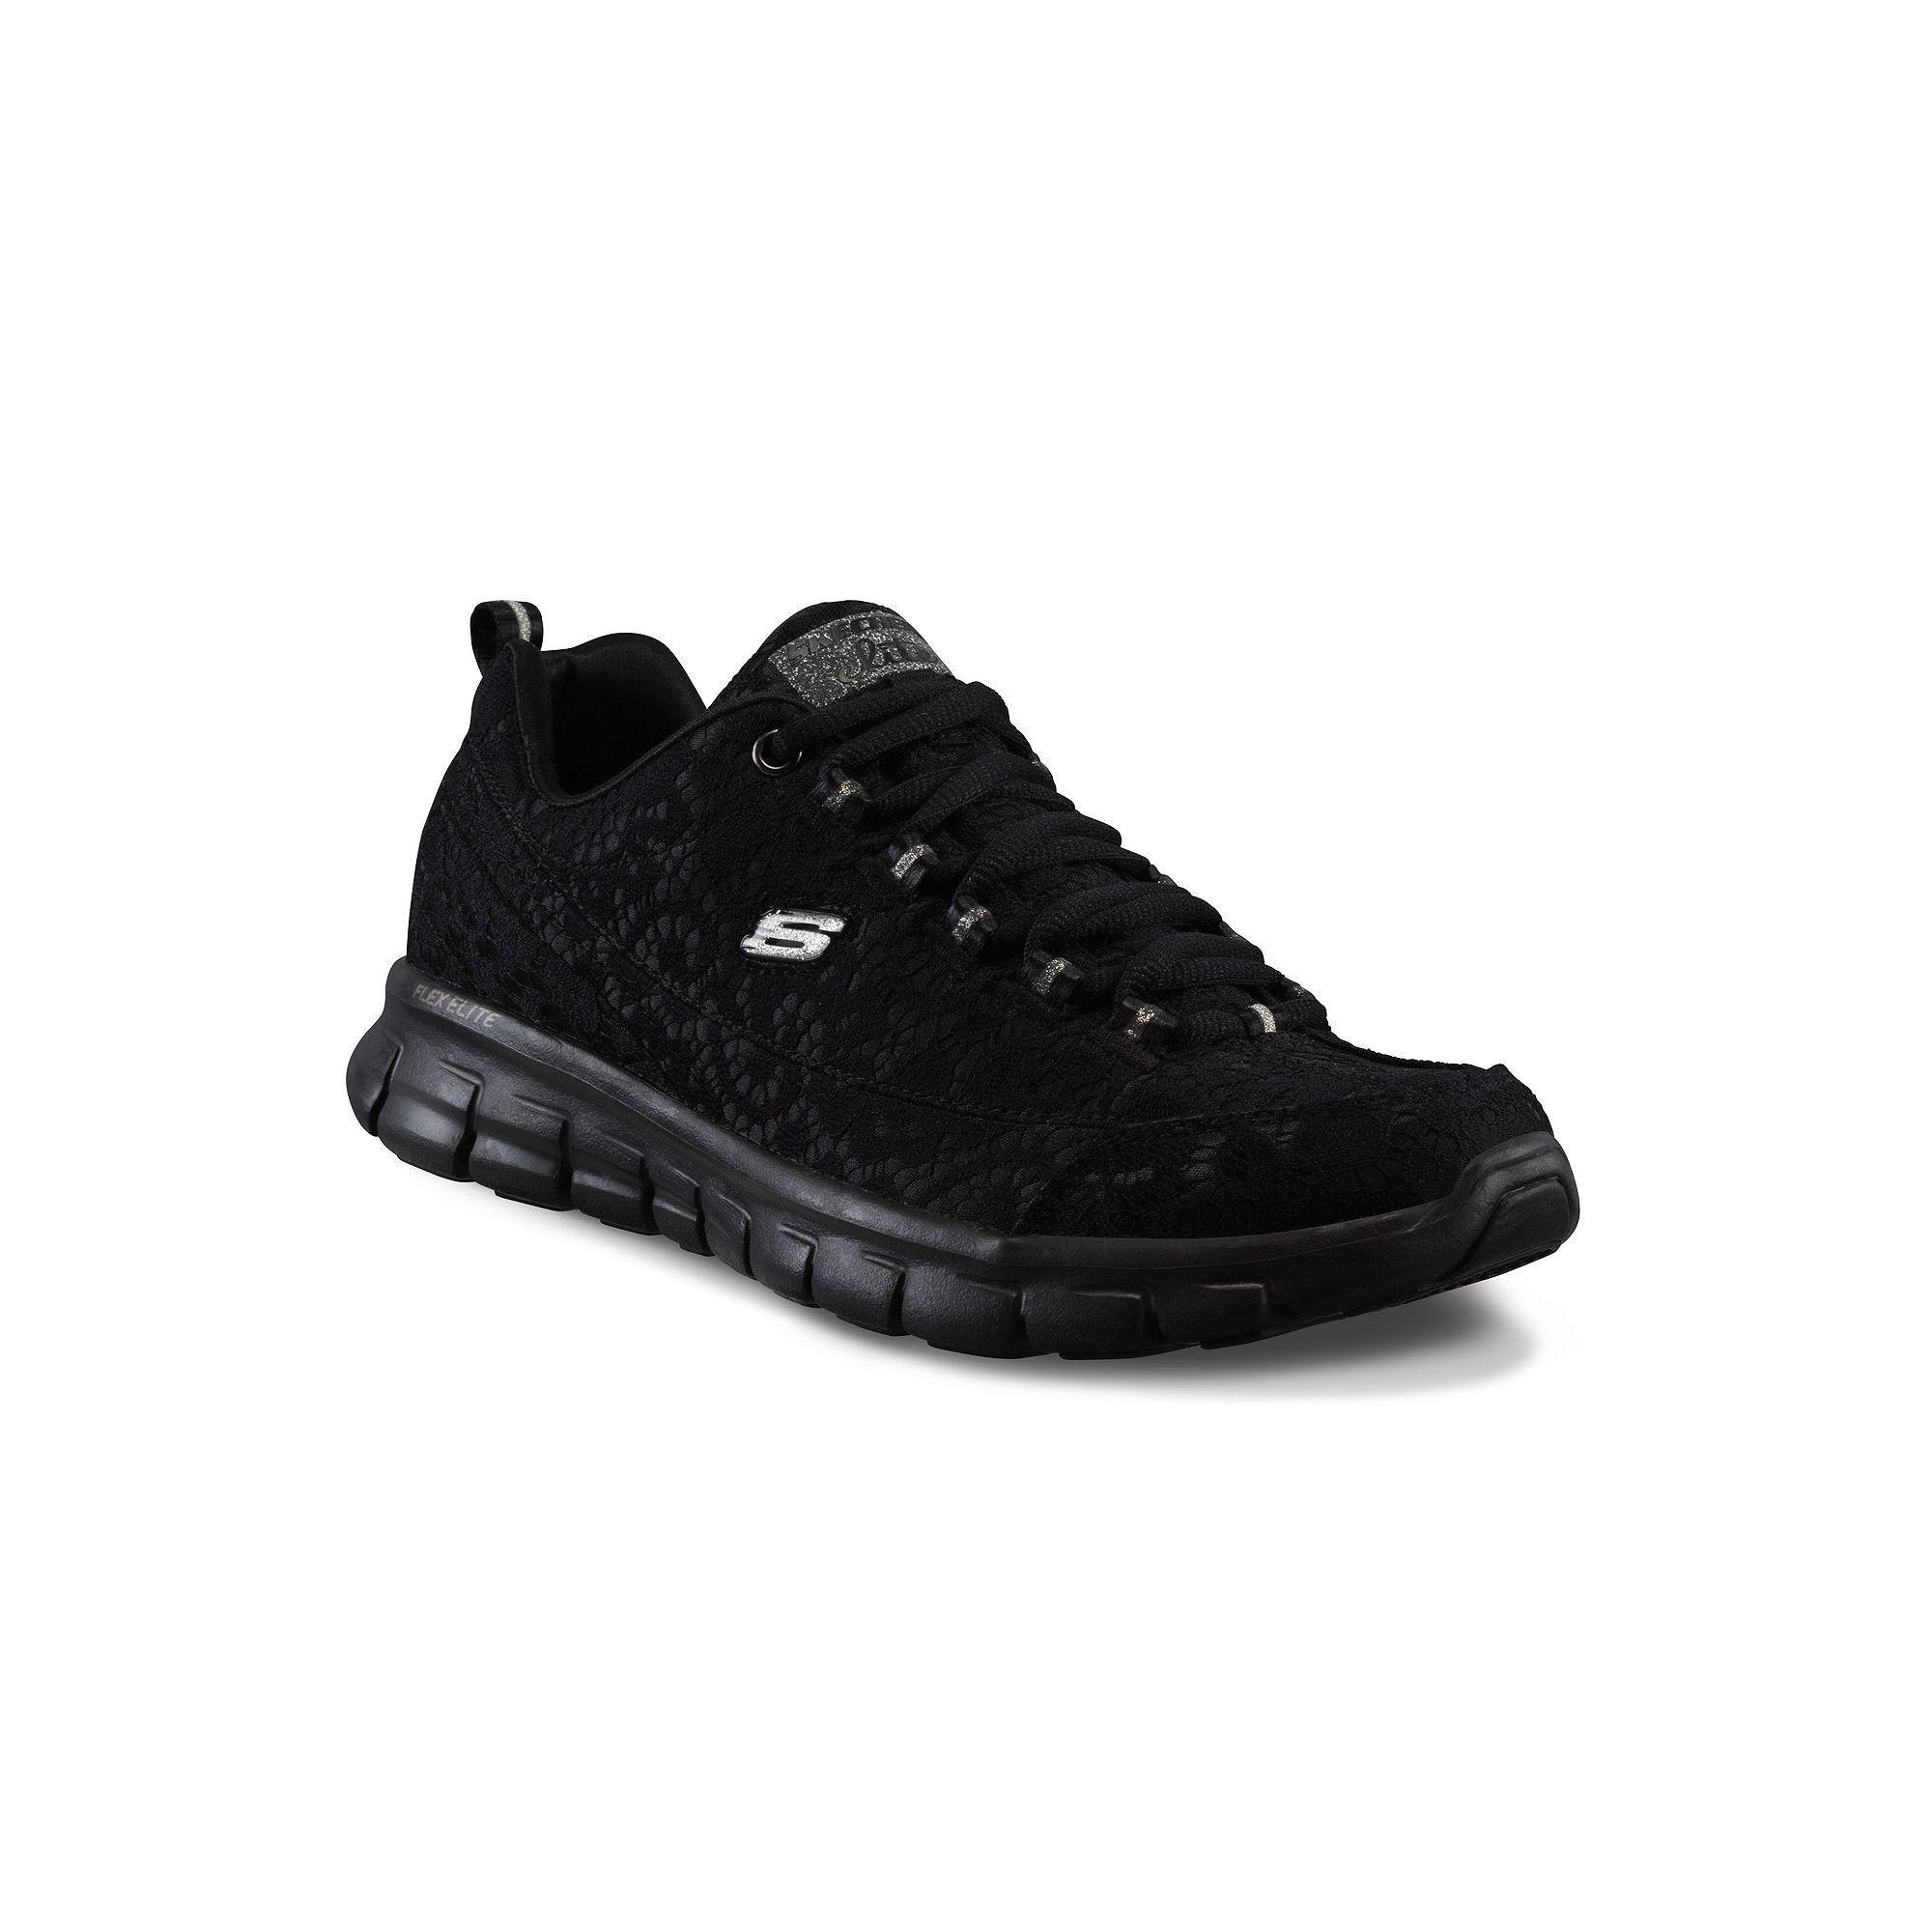 Nike Chaussures Des Femmes Richelieus En Noir Et Blanc la sortie mieux 100% garanti 1b88kXlEL